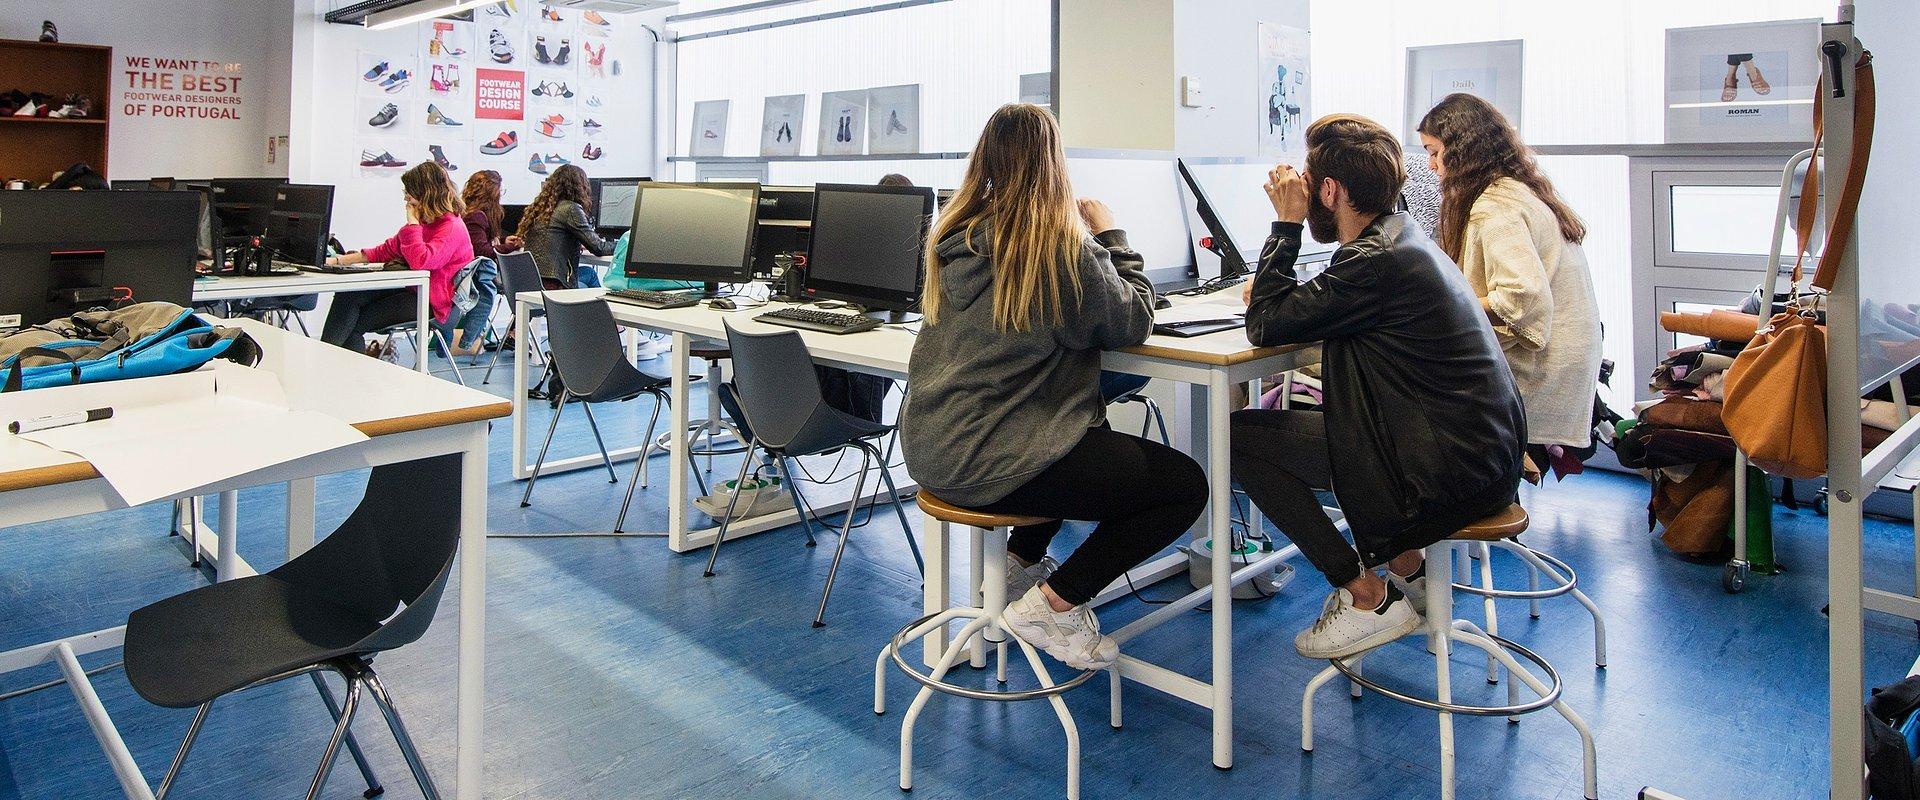 Microsoft Portugal reforça parceria com CCISP para aumento de capacidade e competências digitais